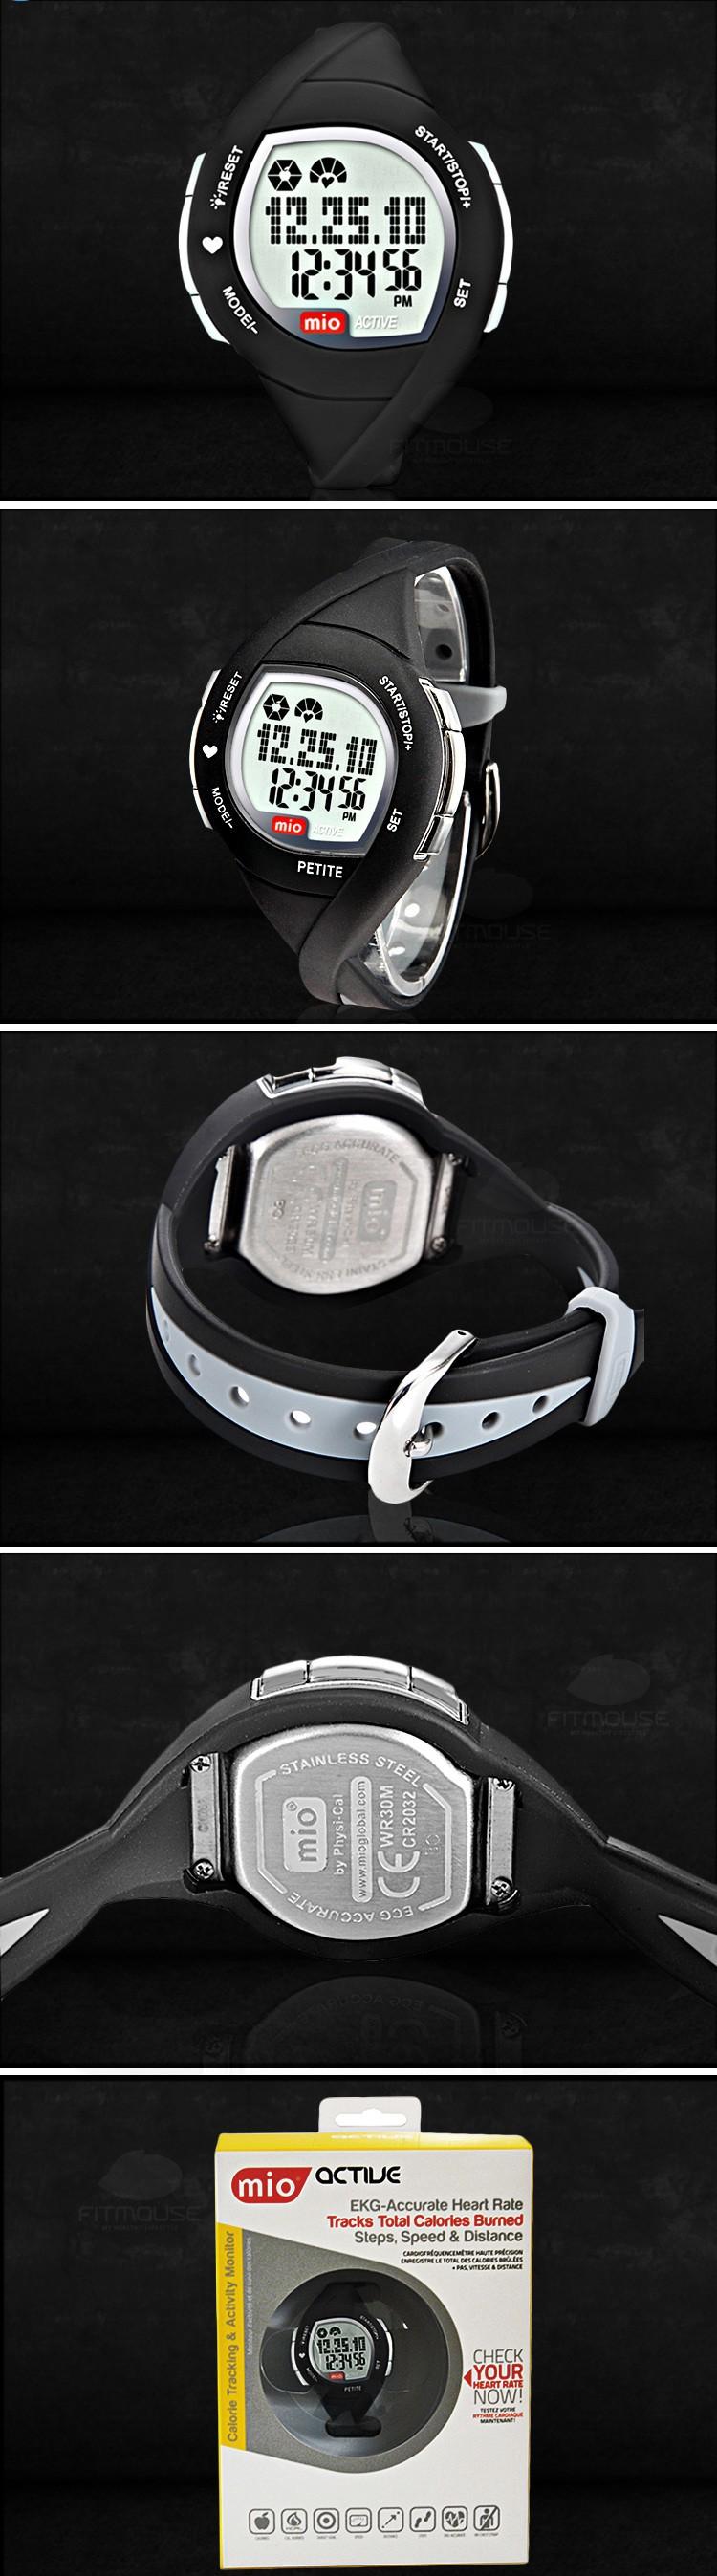 Mio Активных (Стиль Женщины) профессиональный без кардиопередатчик, палец сенсорный монитор сердечного ритма смарт-наручные часы